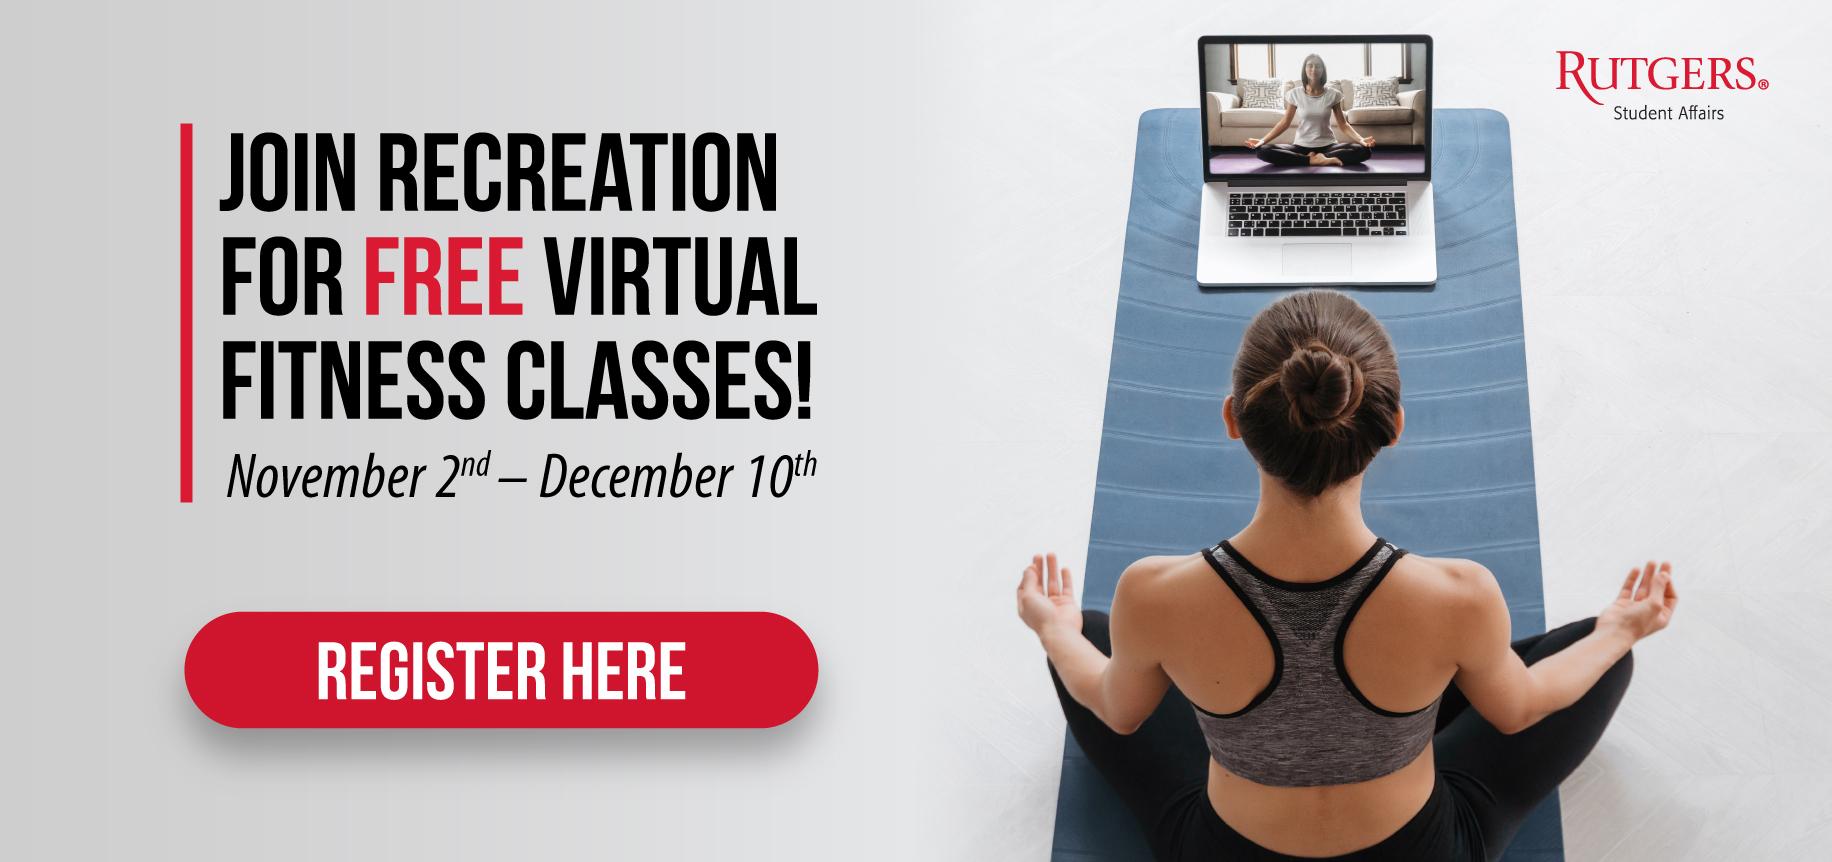 Rec_FitnessClasses_Virtual_NovDec_WebBanner_1832x862_F20_KP